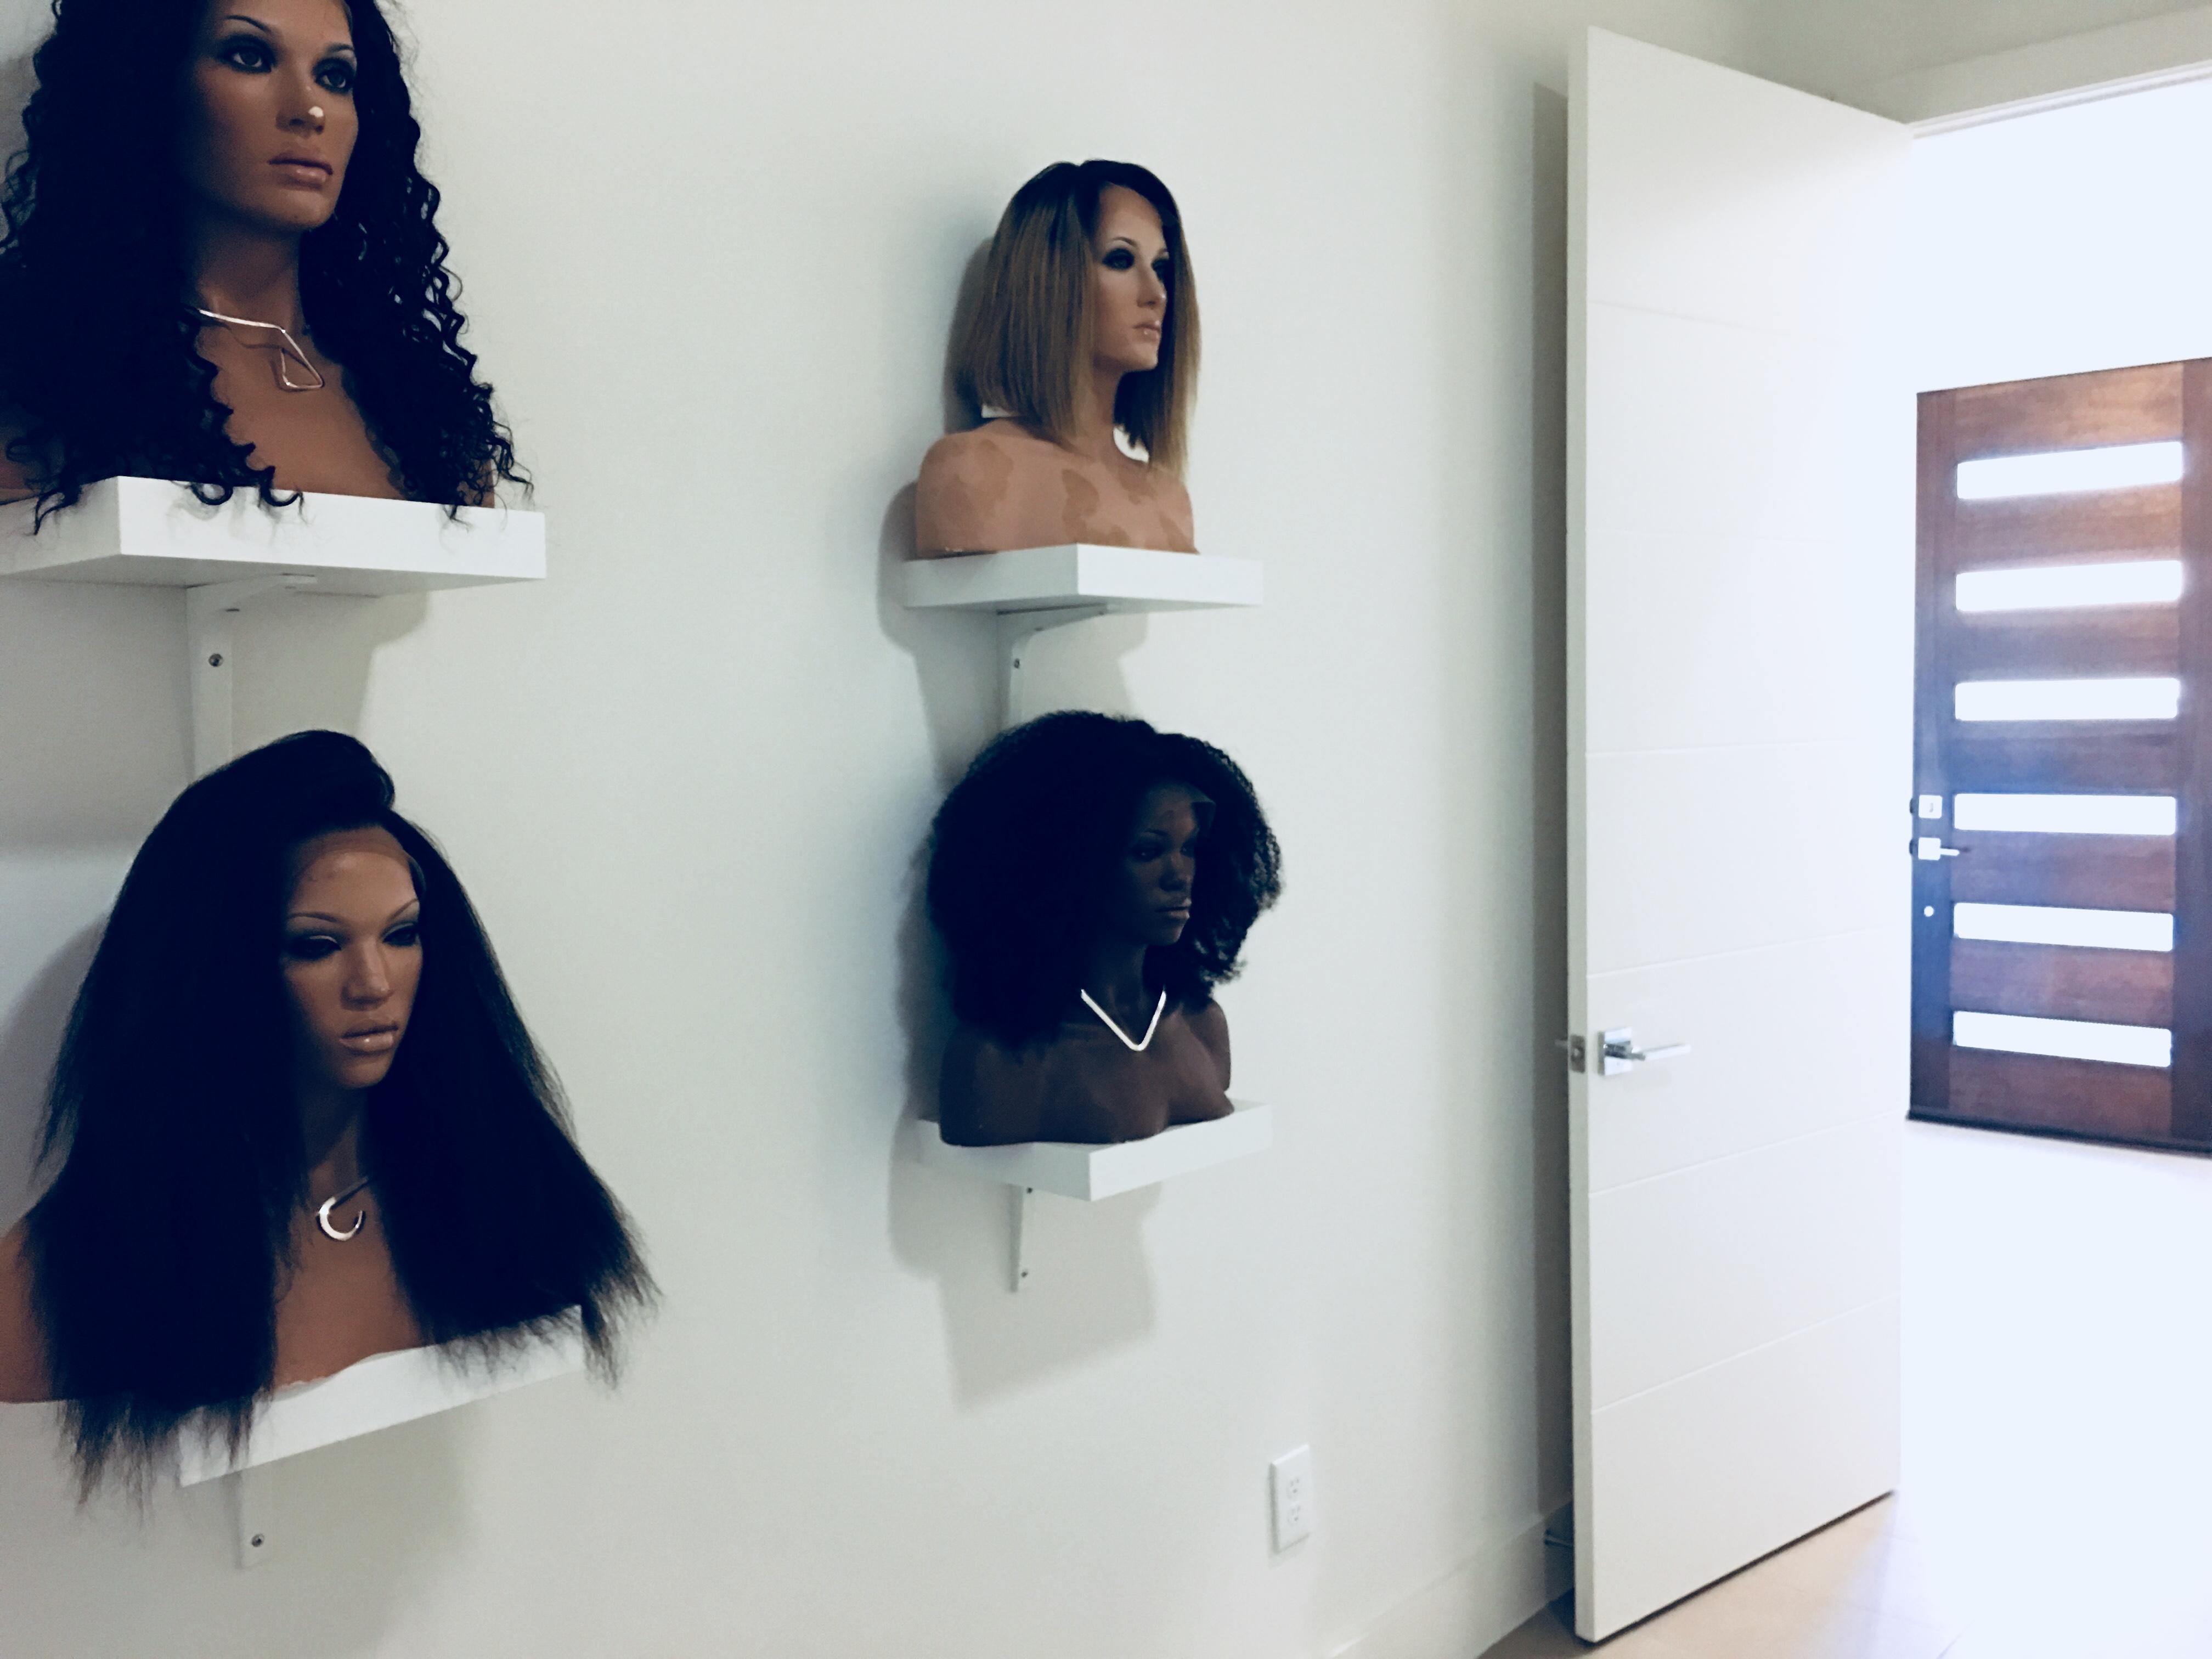 Shop Lace Wigs image 27